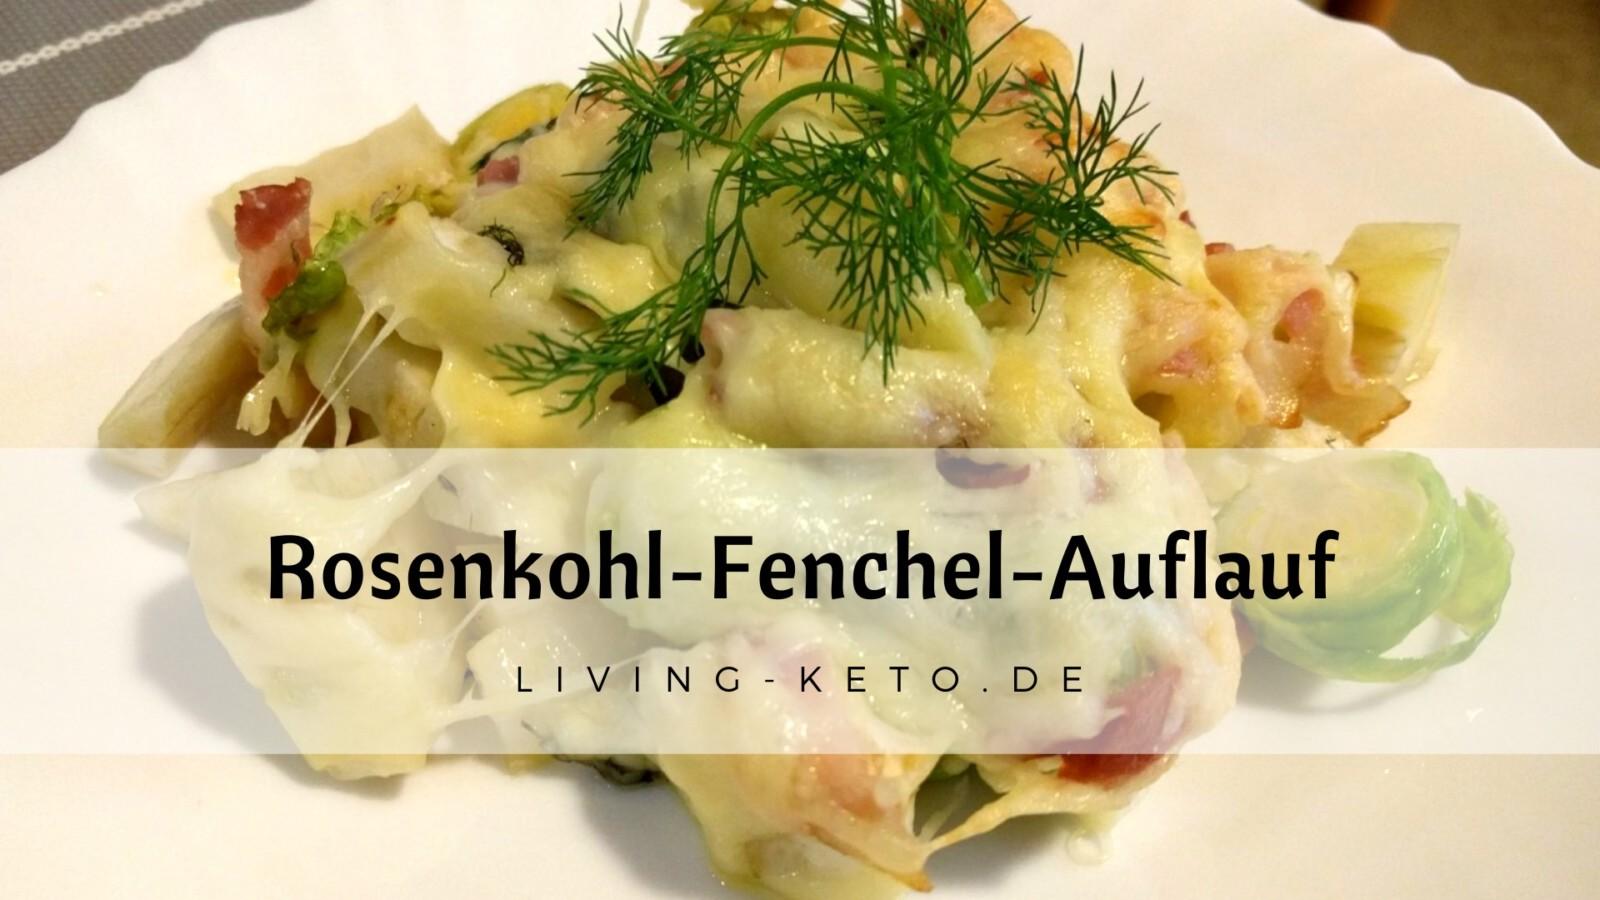 Rosenkohl-Fenchel-Auflauf ketogen